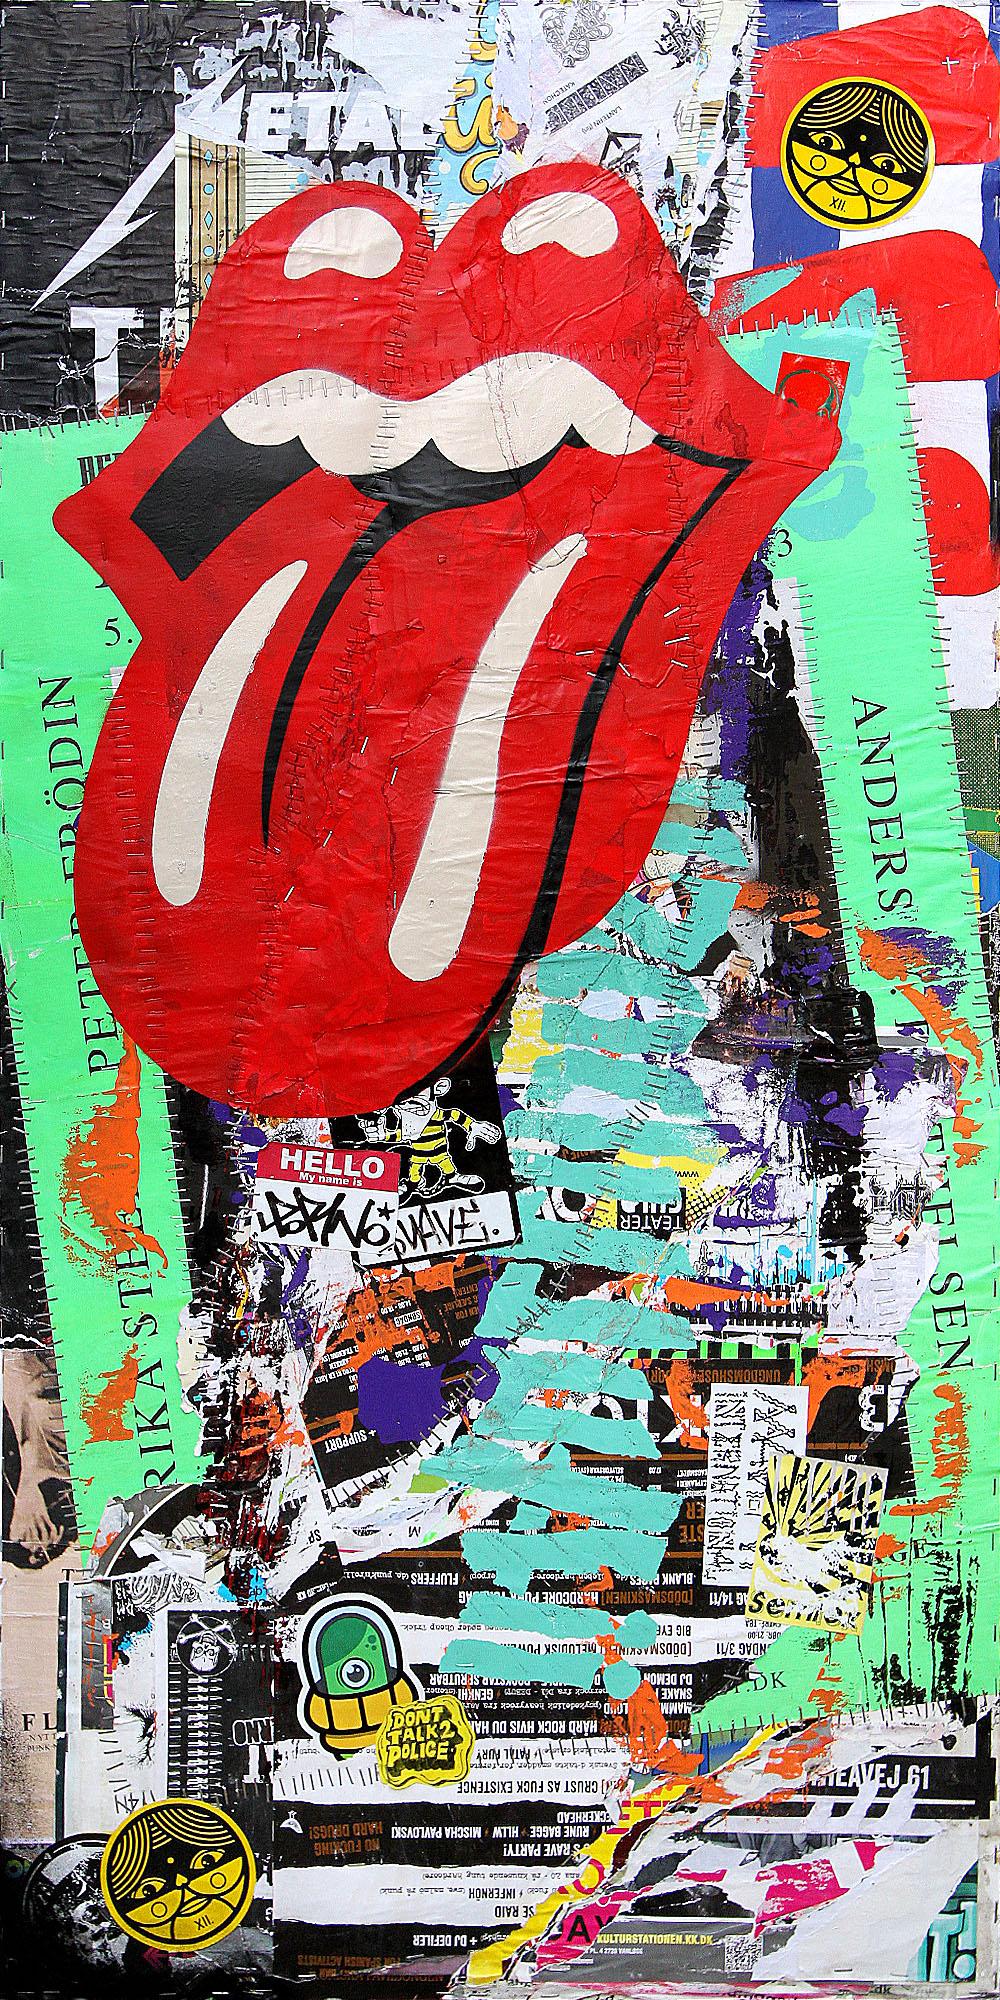 bart knegt copenhagen poster piece 02.jpg